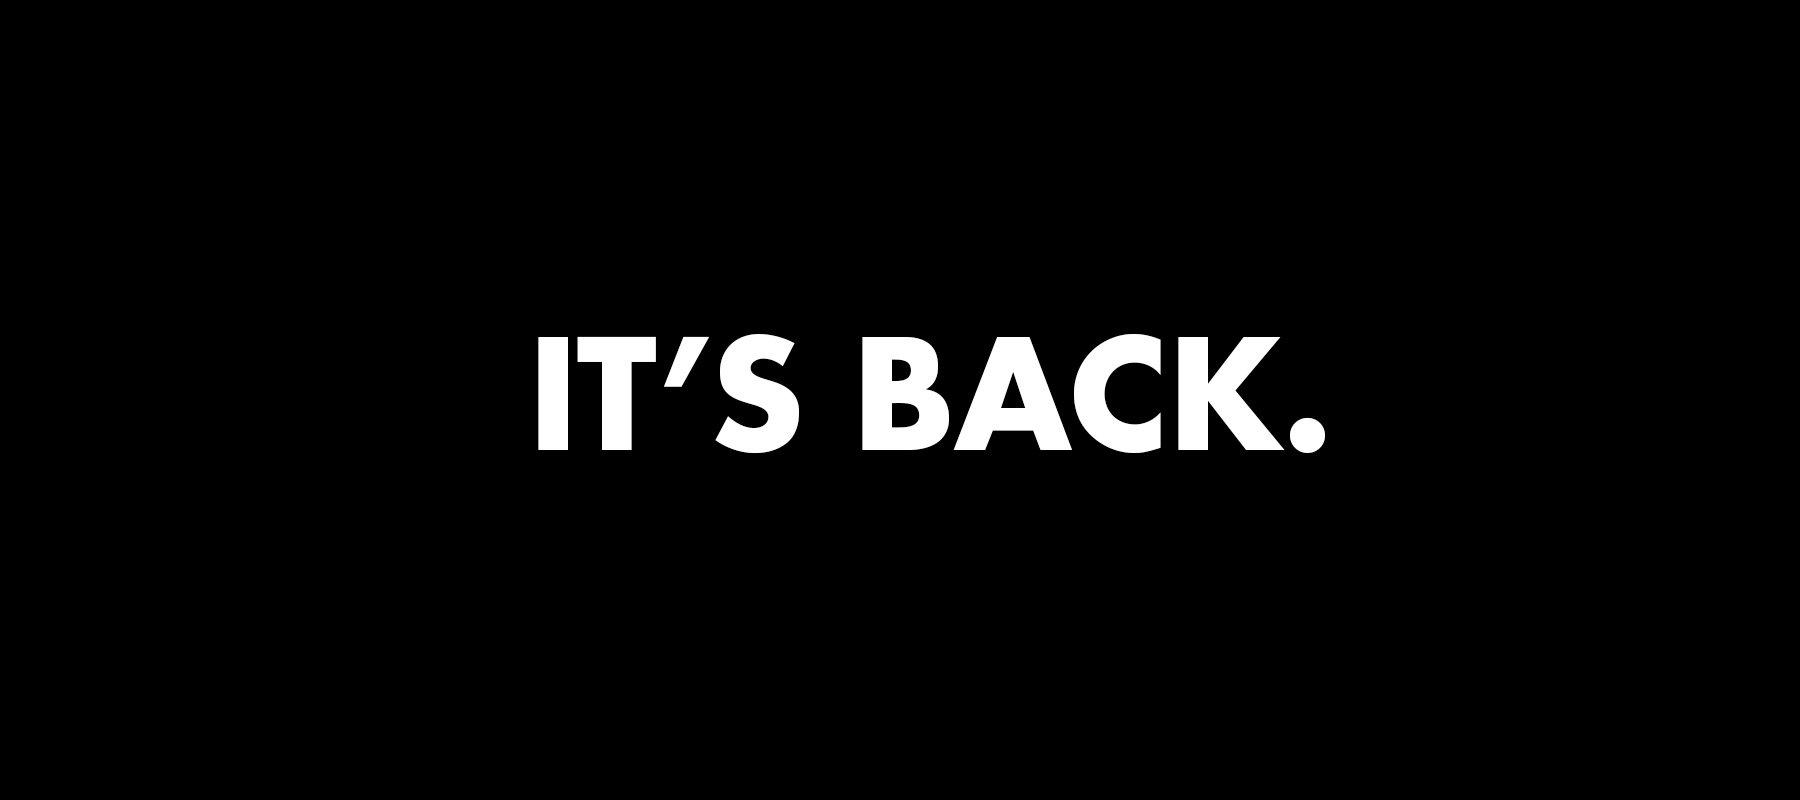 IT'S BACK.